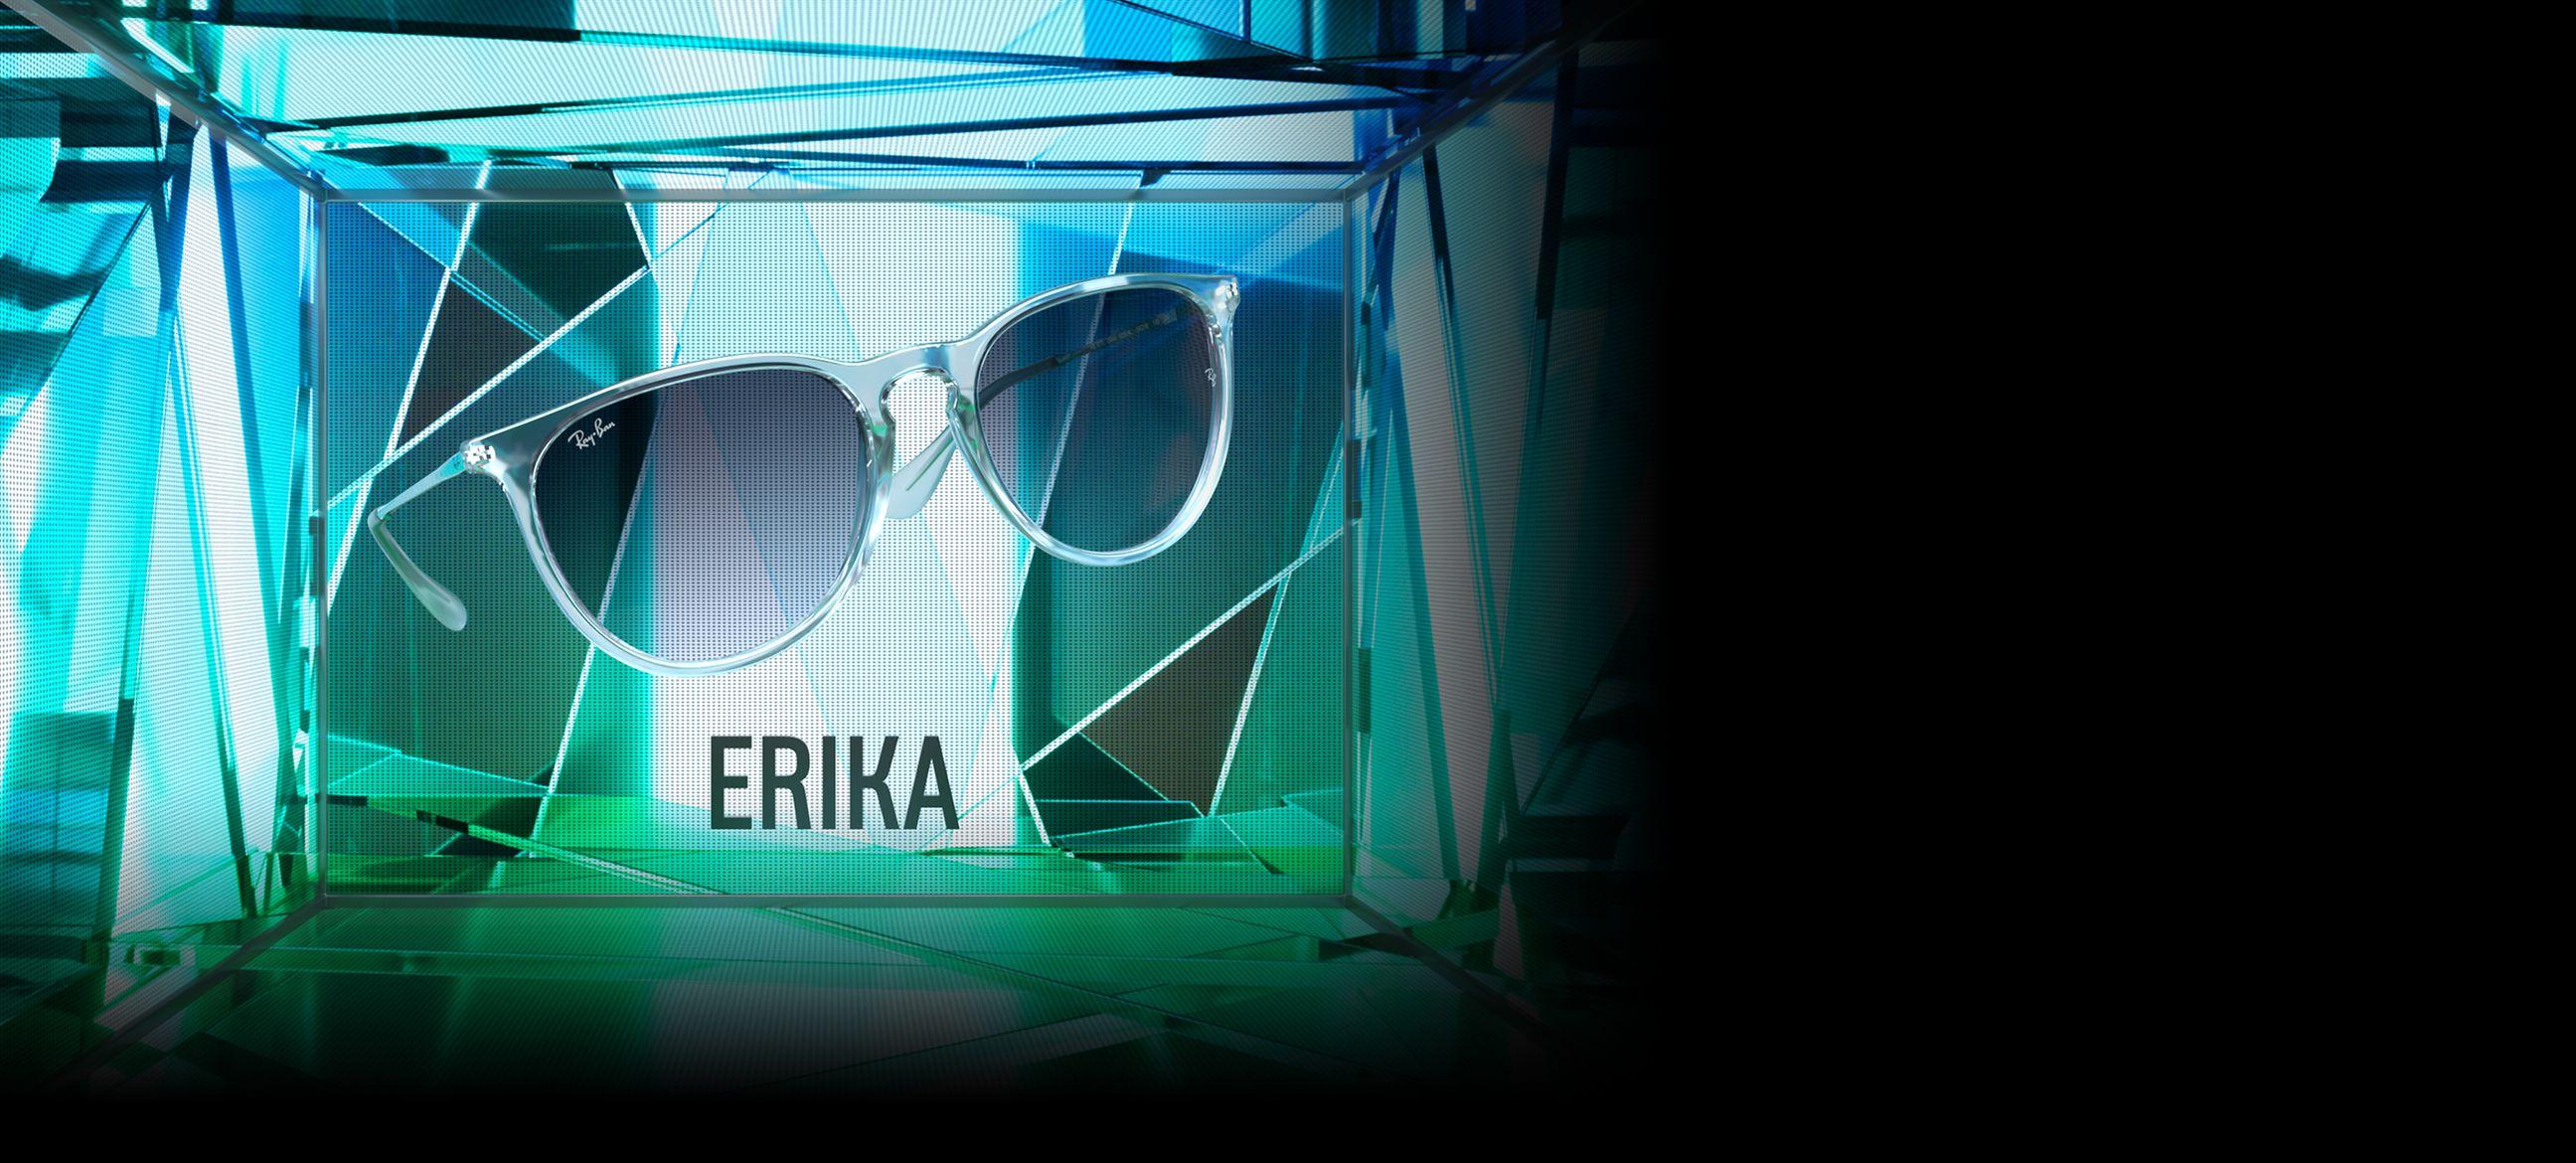 Ray-Ban Limited: occhiali da sole Erika